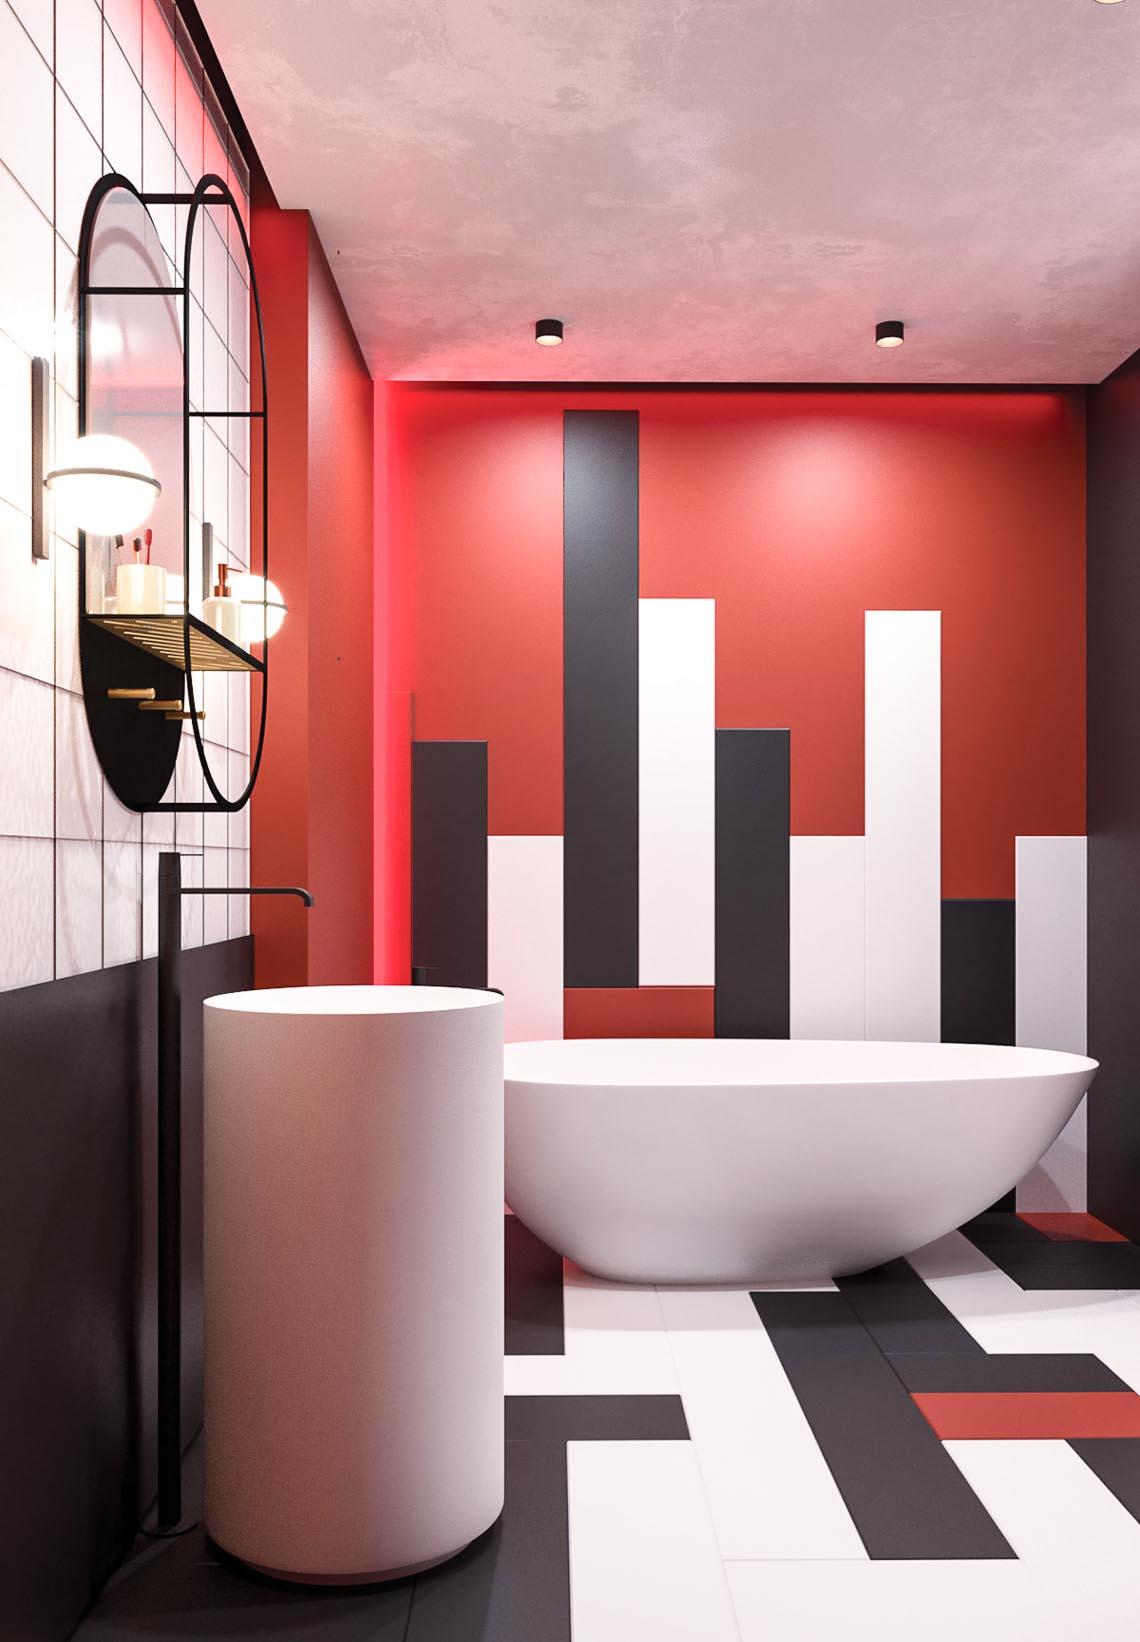 Thiết kế nội thất hiện đại với tông màu đỏ và xám theo phong cách Nhật Bản-14